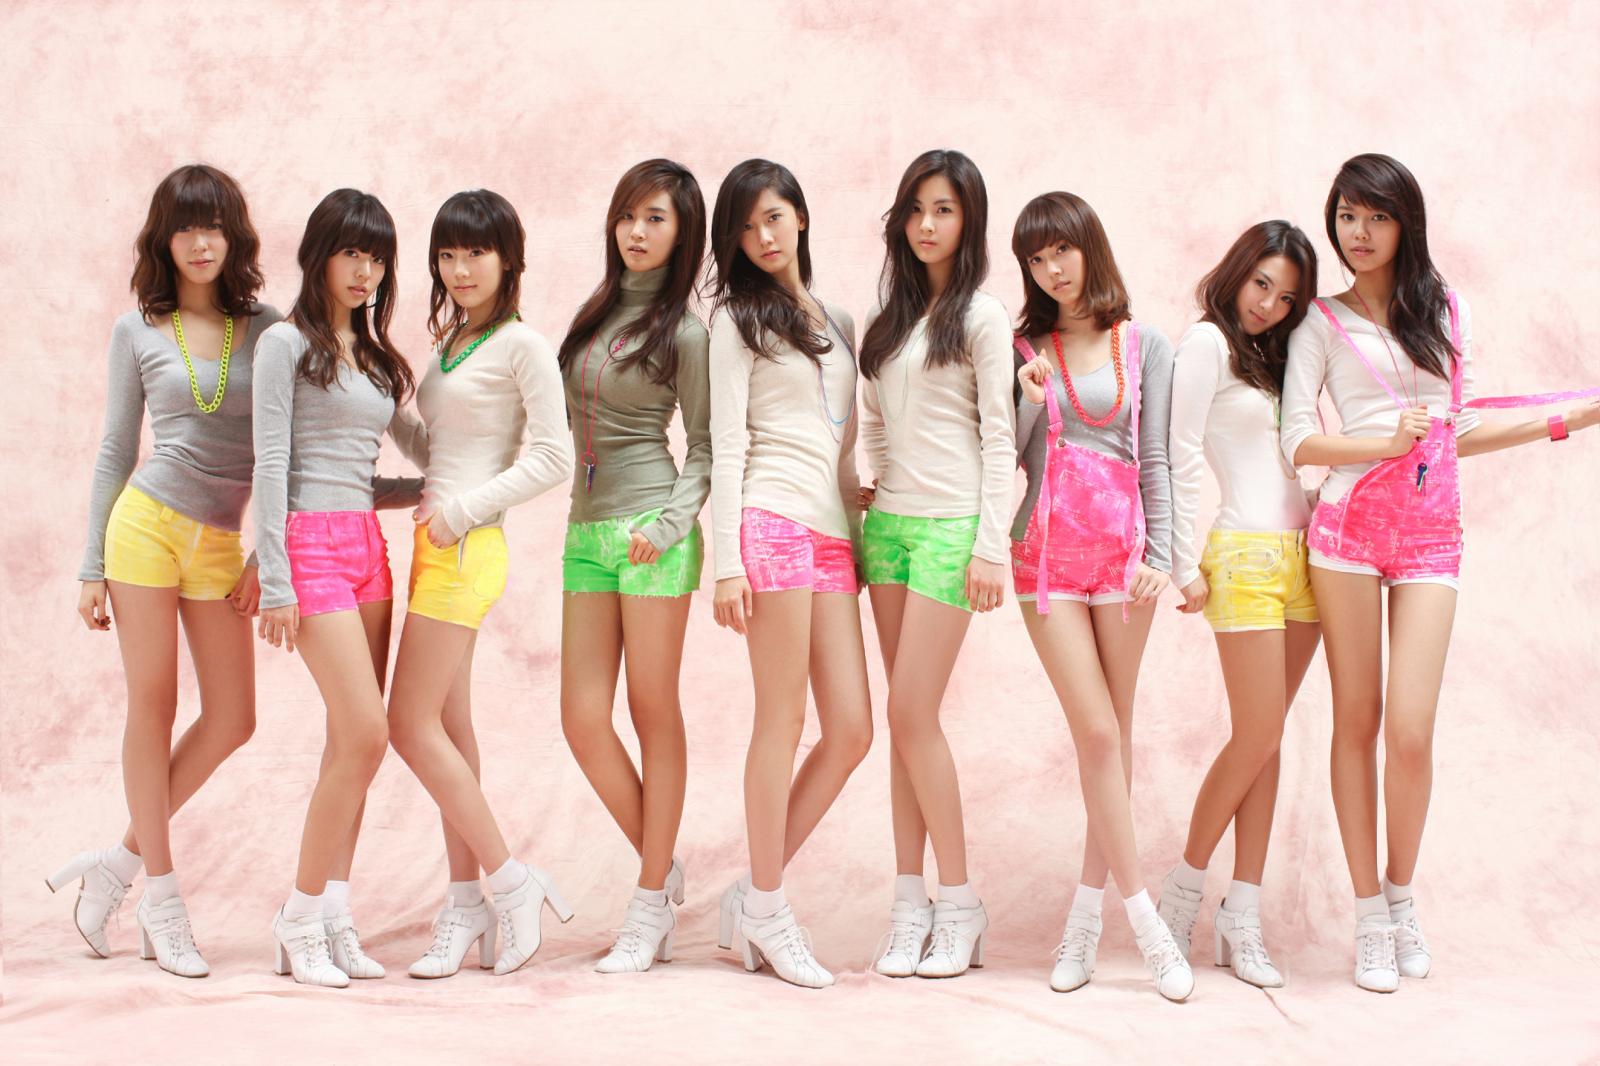 http://4.bp.blogspot.com/-h5nrlR_JHFI/ULiTUnJp12I/AAAAAAAAK0w/RA2wAbieH3I/s1600/SNSD+K-Pop+Star.jpg